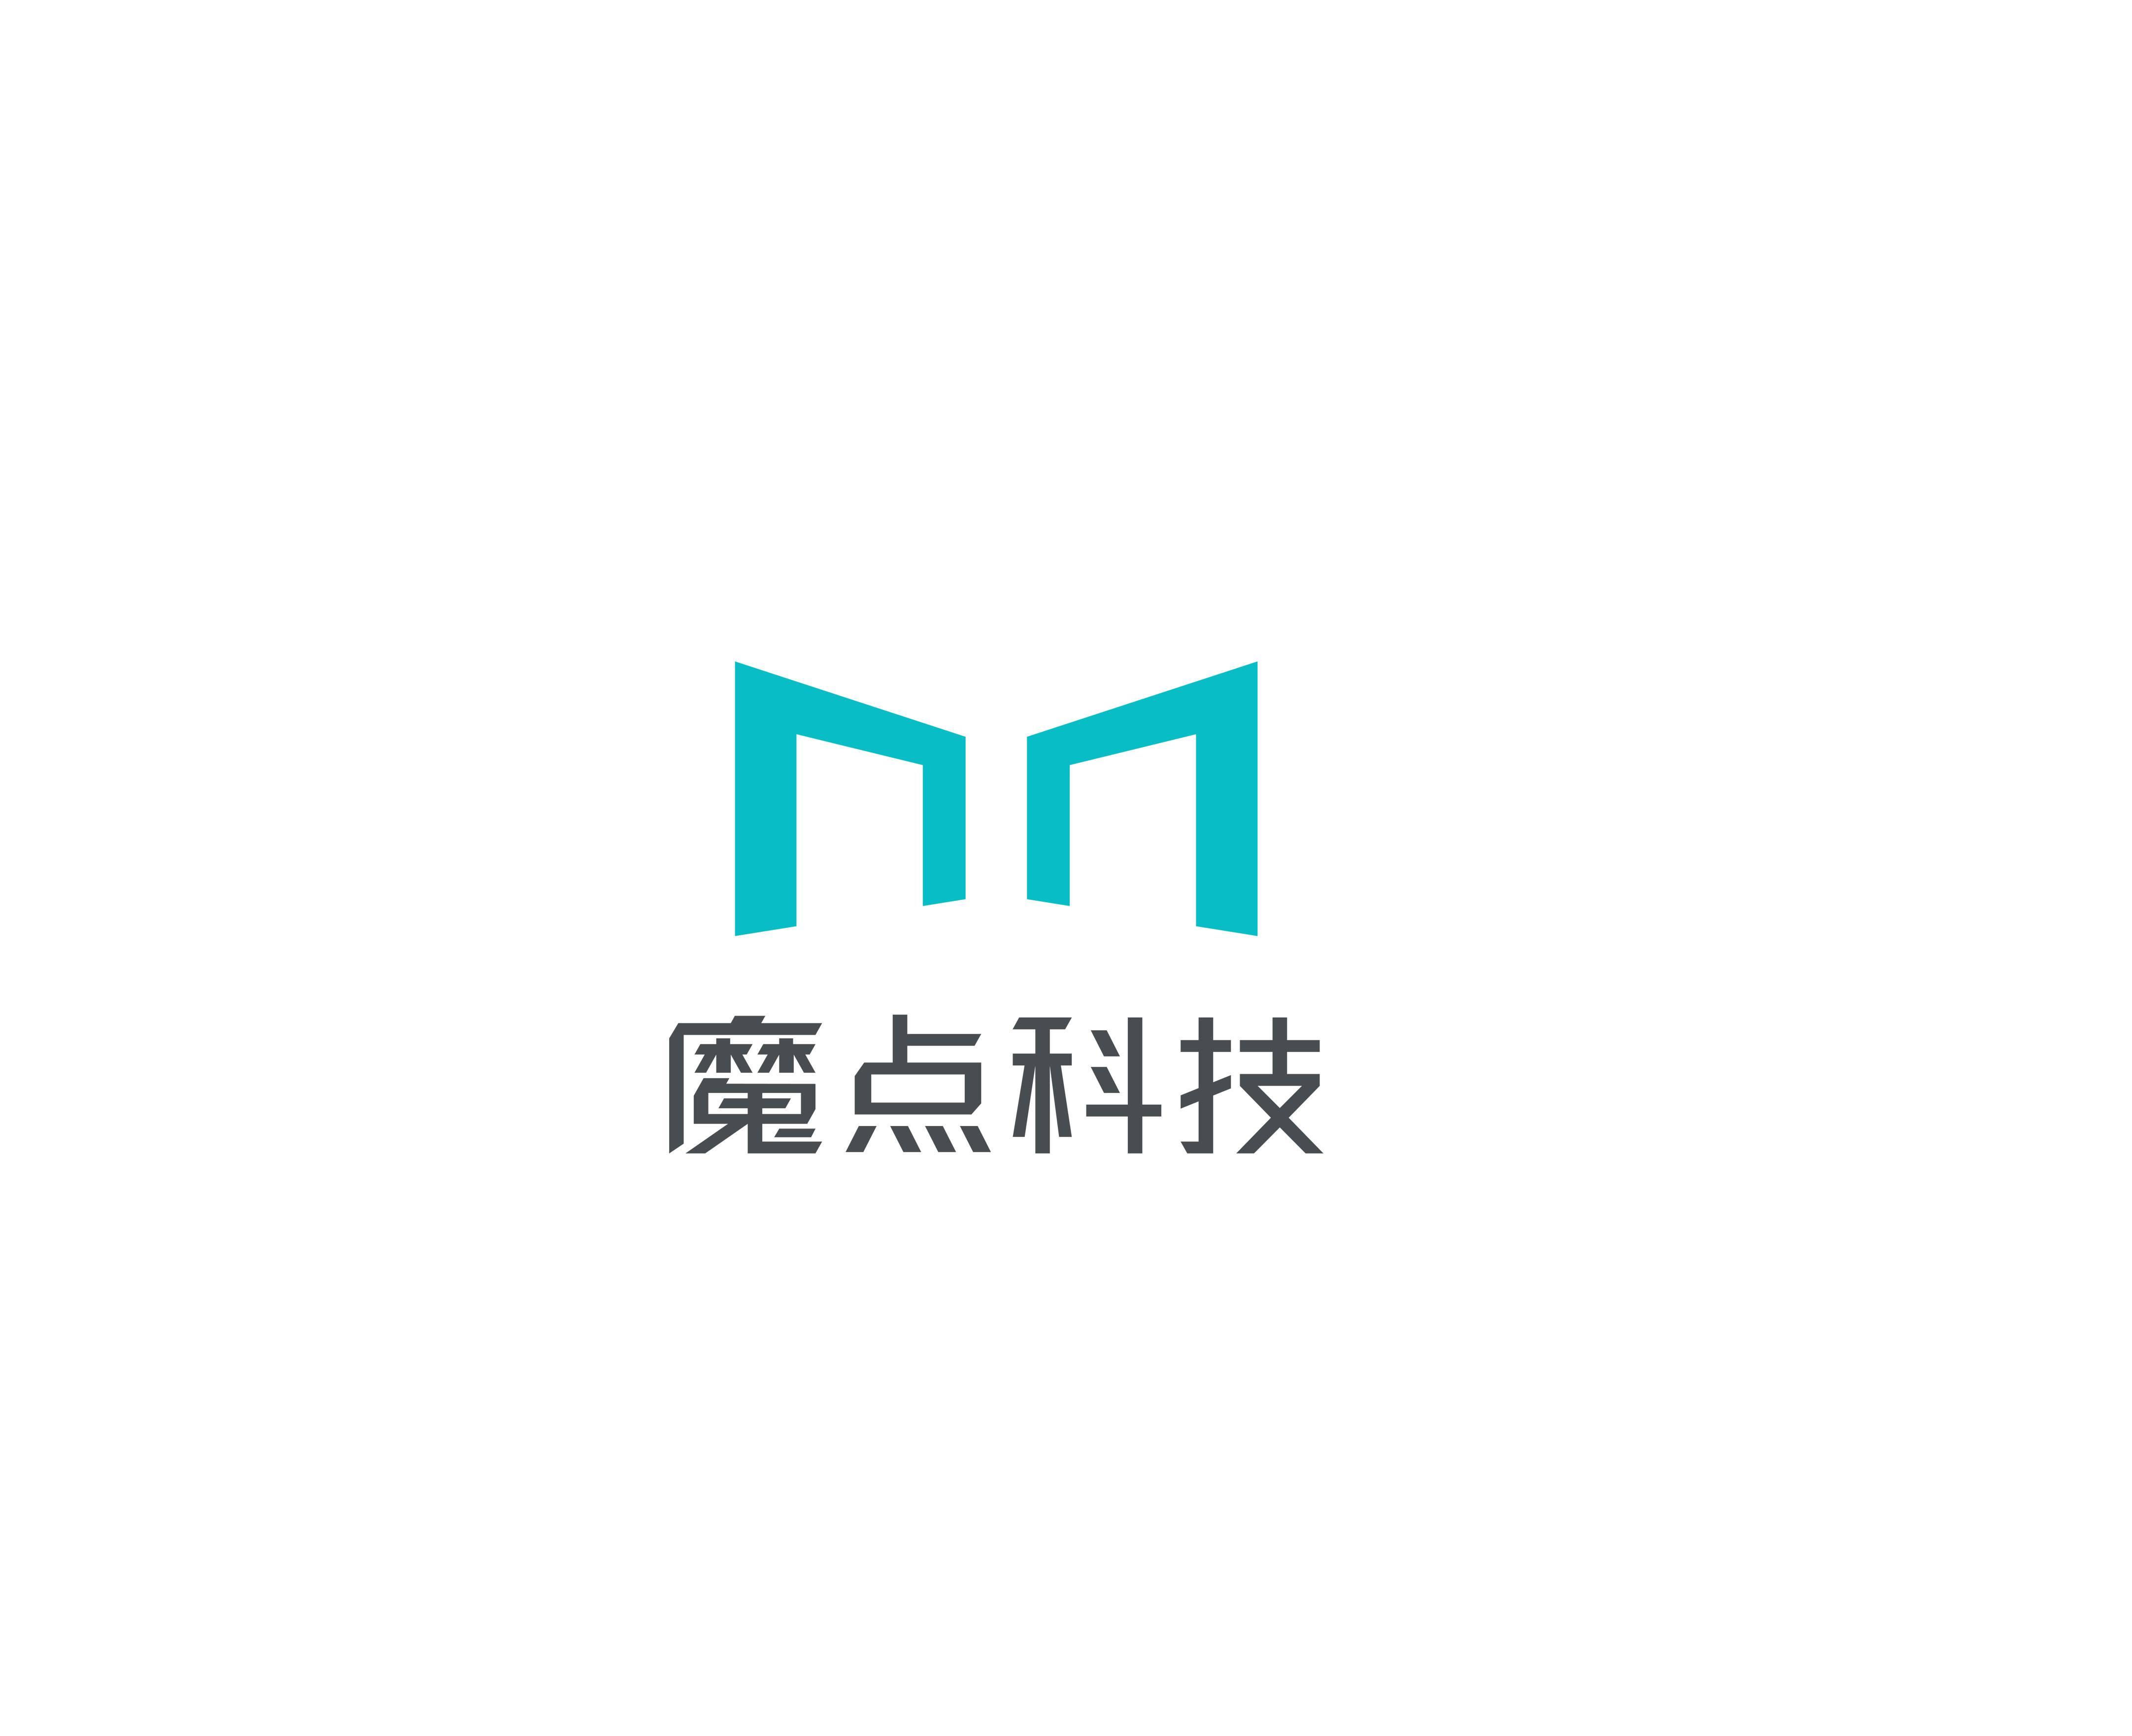 杭州魔点科技有限公司